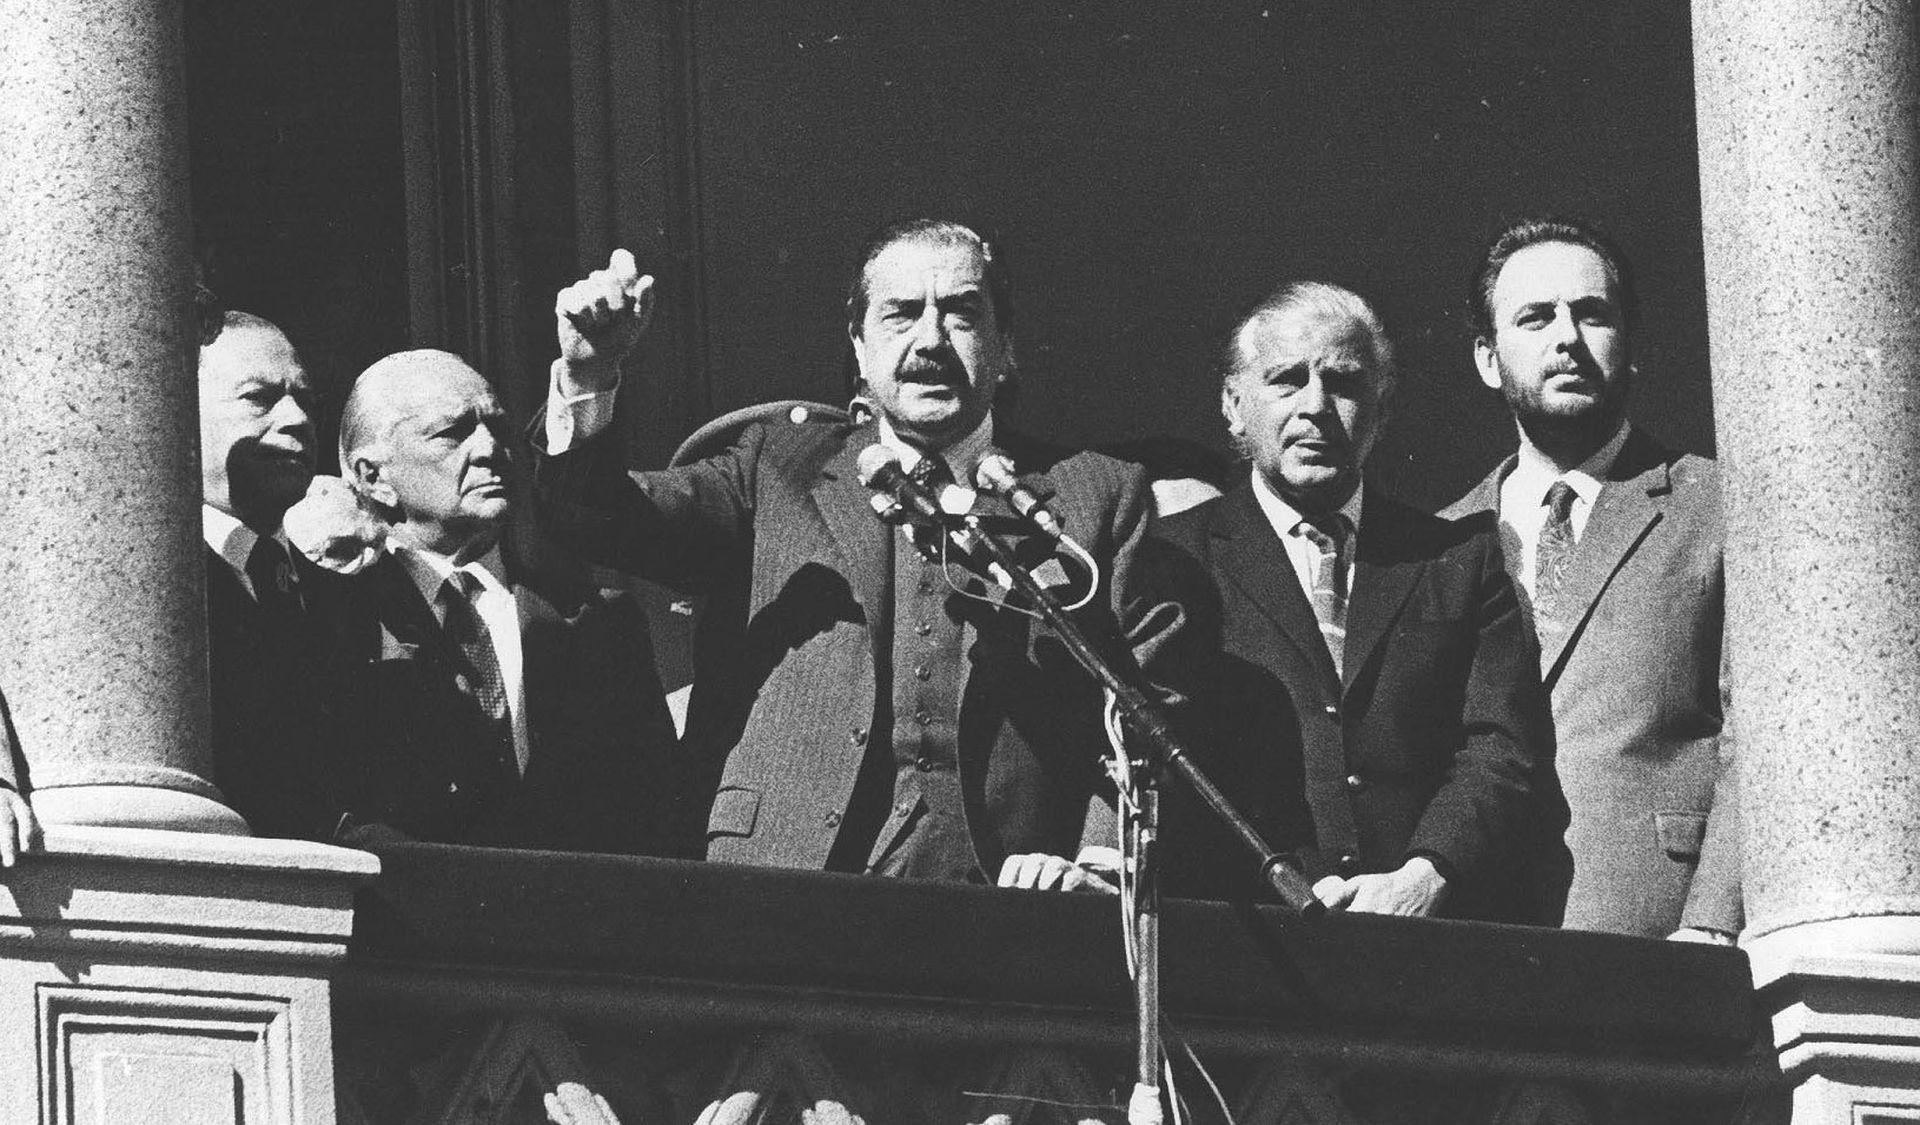 """El 19 de abril de 1987, un hito de la democracia. Desde Casa Rosada, Raúl Alfonsín pone fin a varios días de angustia e incertidumbre por el alzamiento carapintada. """"Felices Pascuas, la casa está en orden"""", dice. Entre los dirigentes políticos que lo acompañaron en el balcón estuvo José Luis Manzano. Una semana después, el dirigente justicialista cambió aplausos por insulto..."""